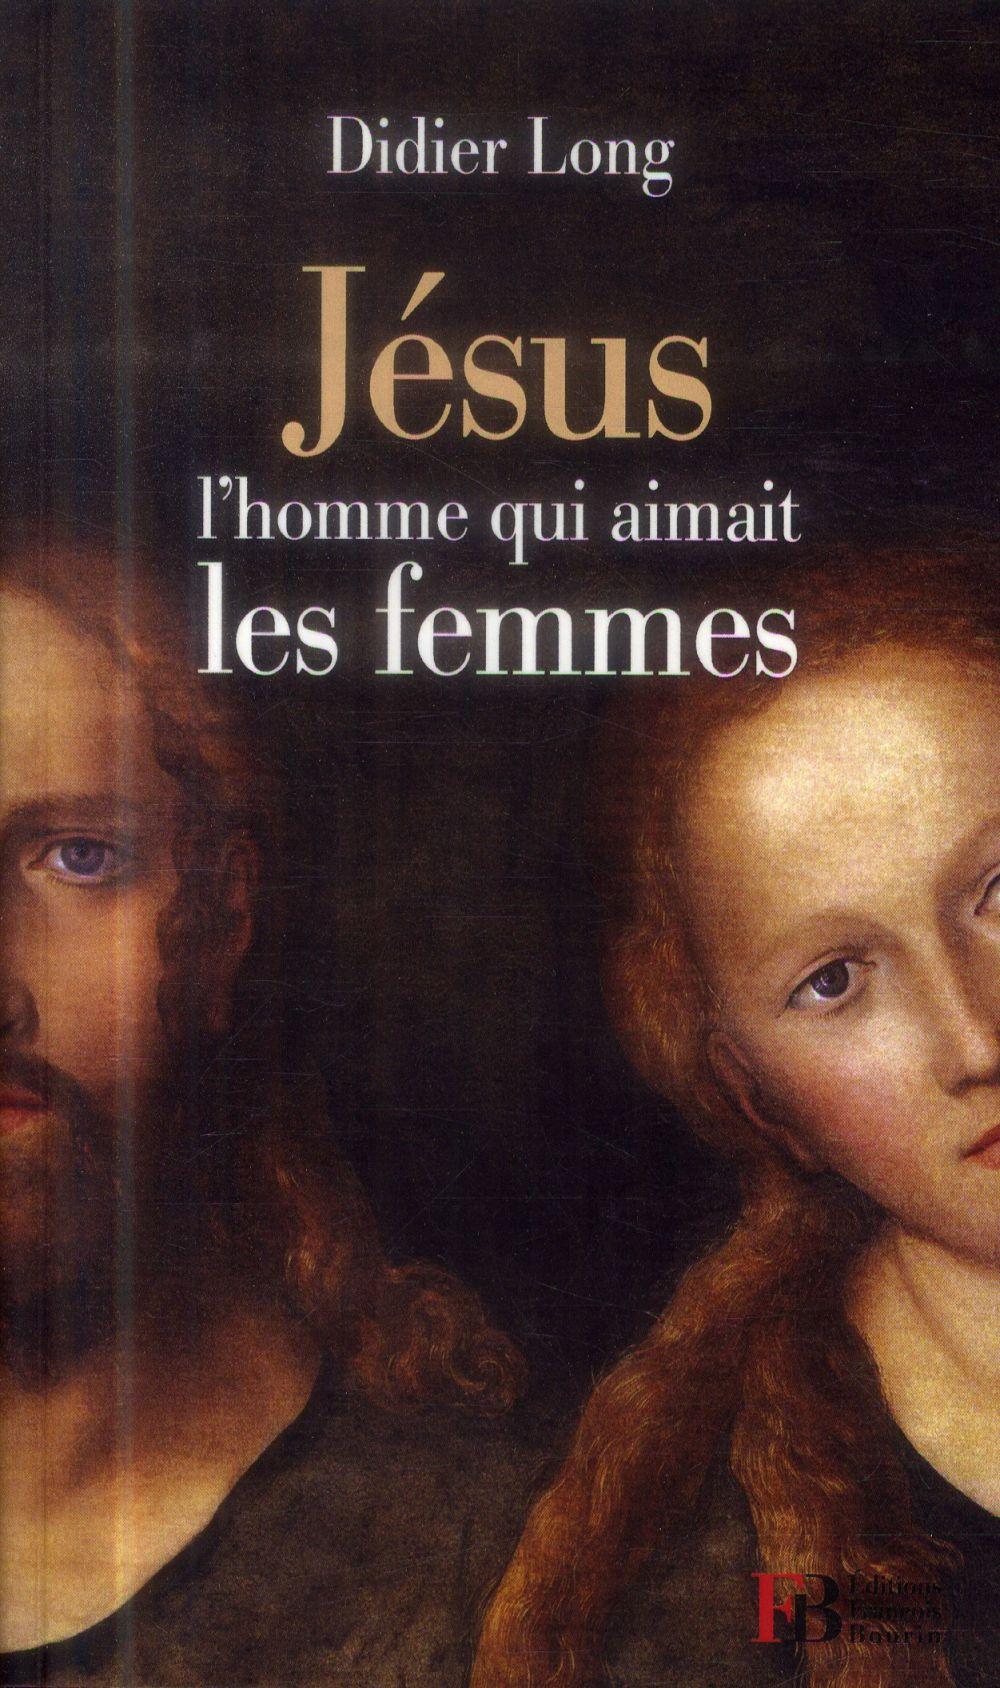 JESUS, L'HOMME QUI AIMAIT LES FEMMES